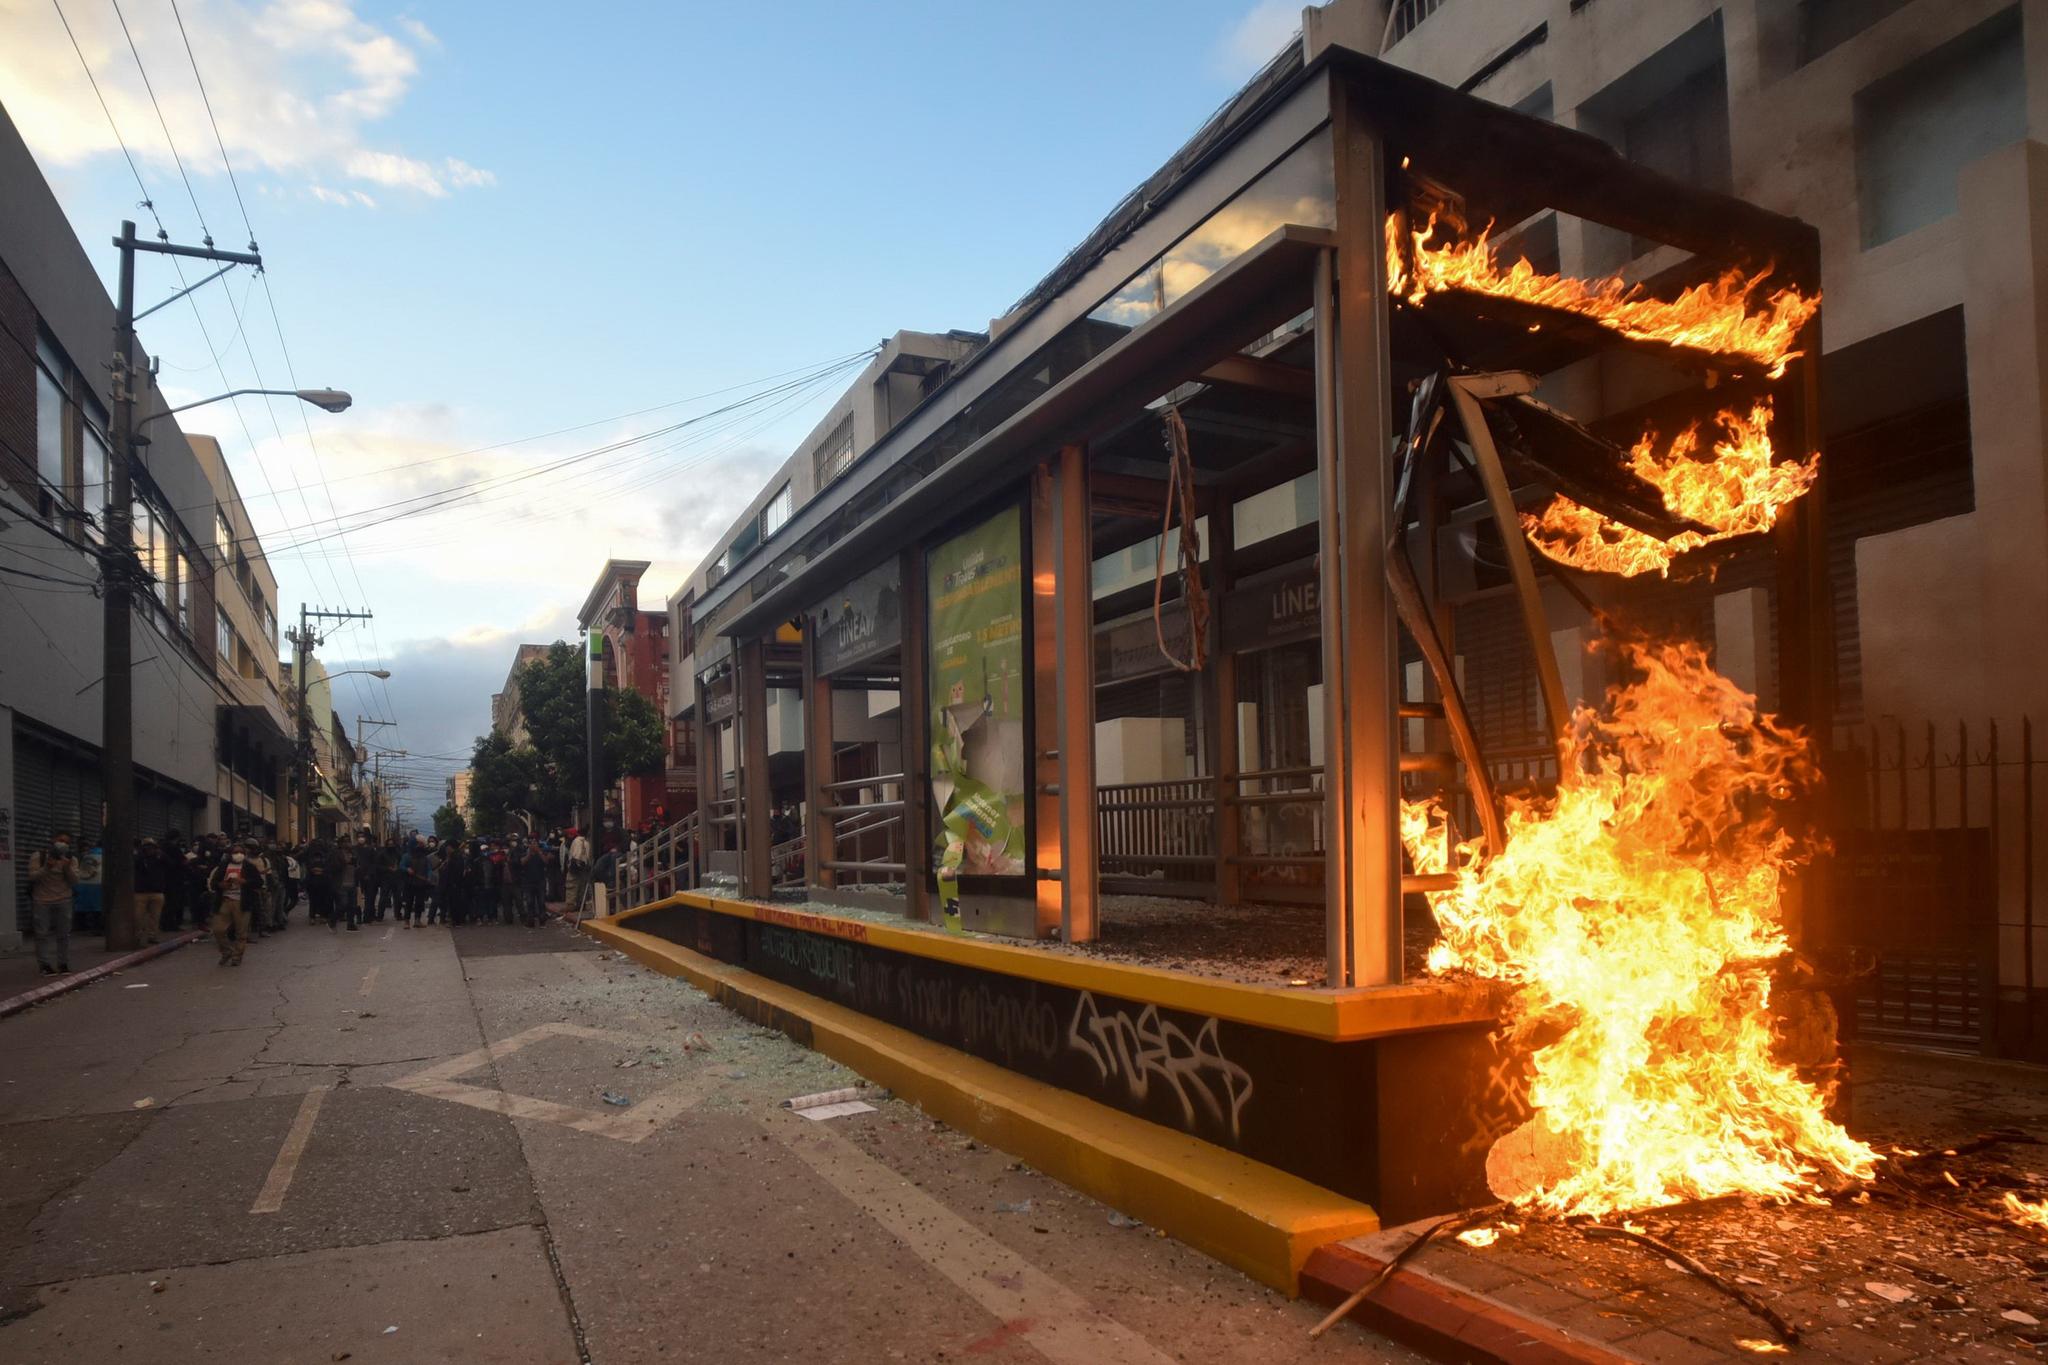 시위 현장의 버스 승강장이 불타고있다. AFP 통신